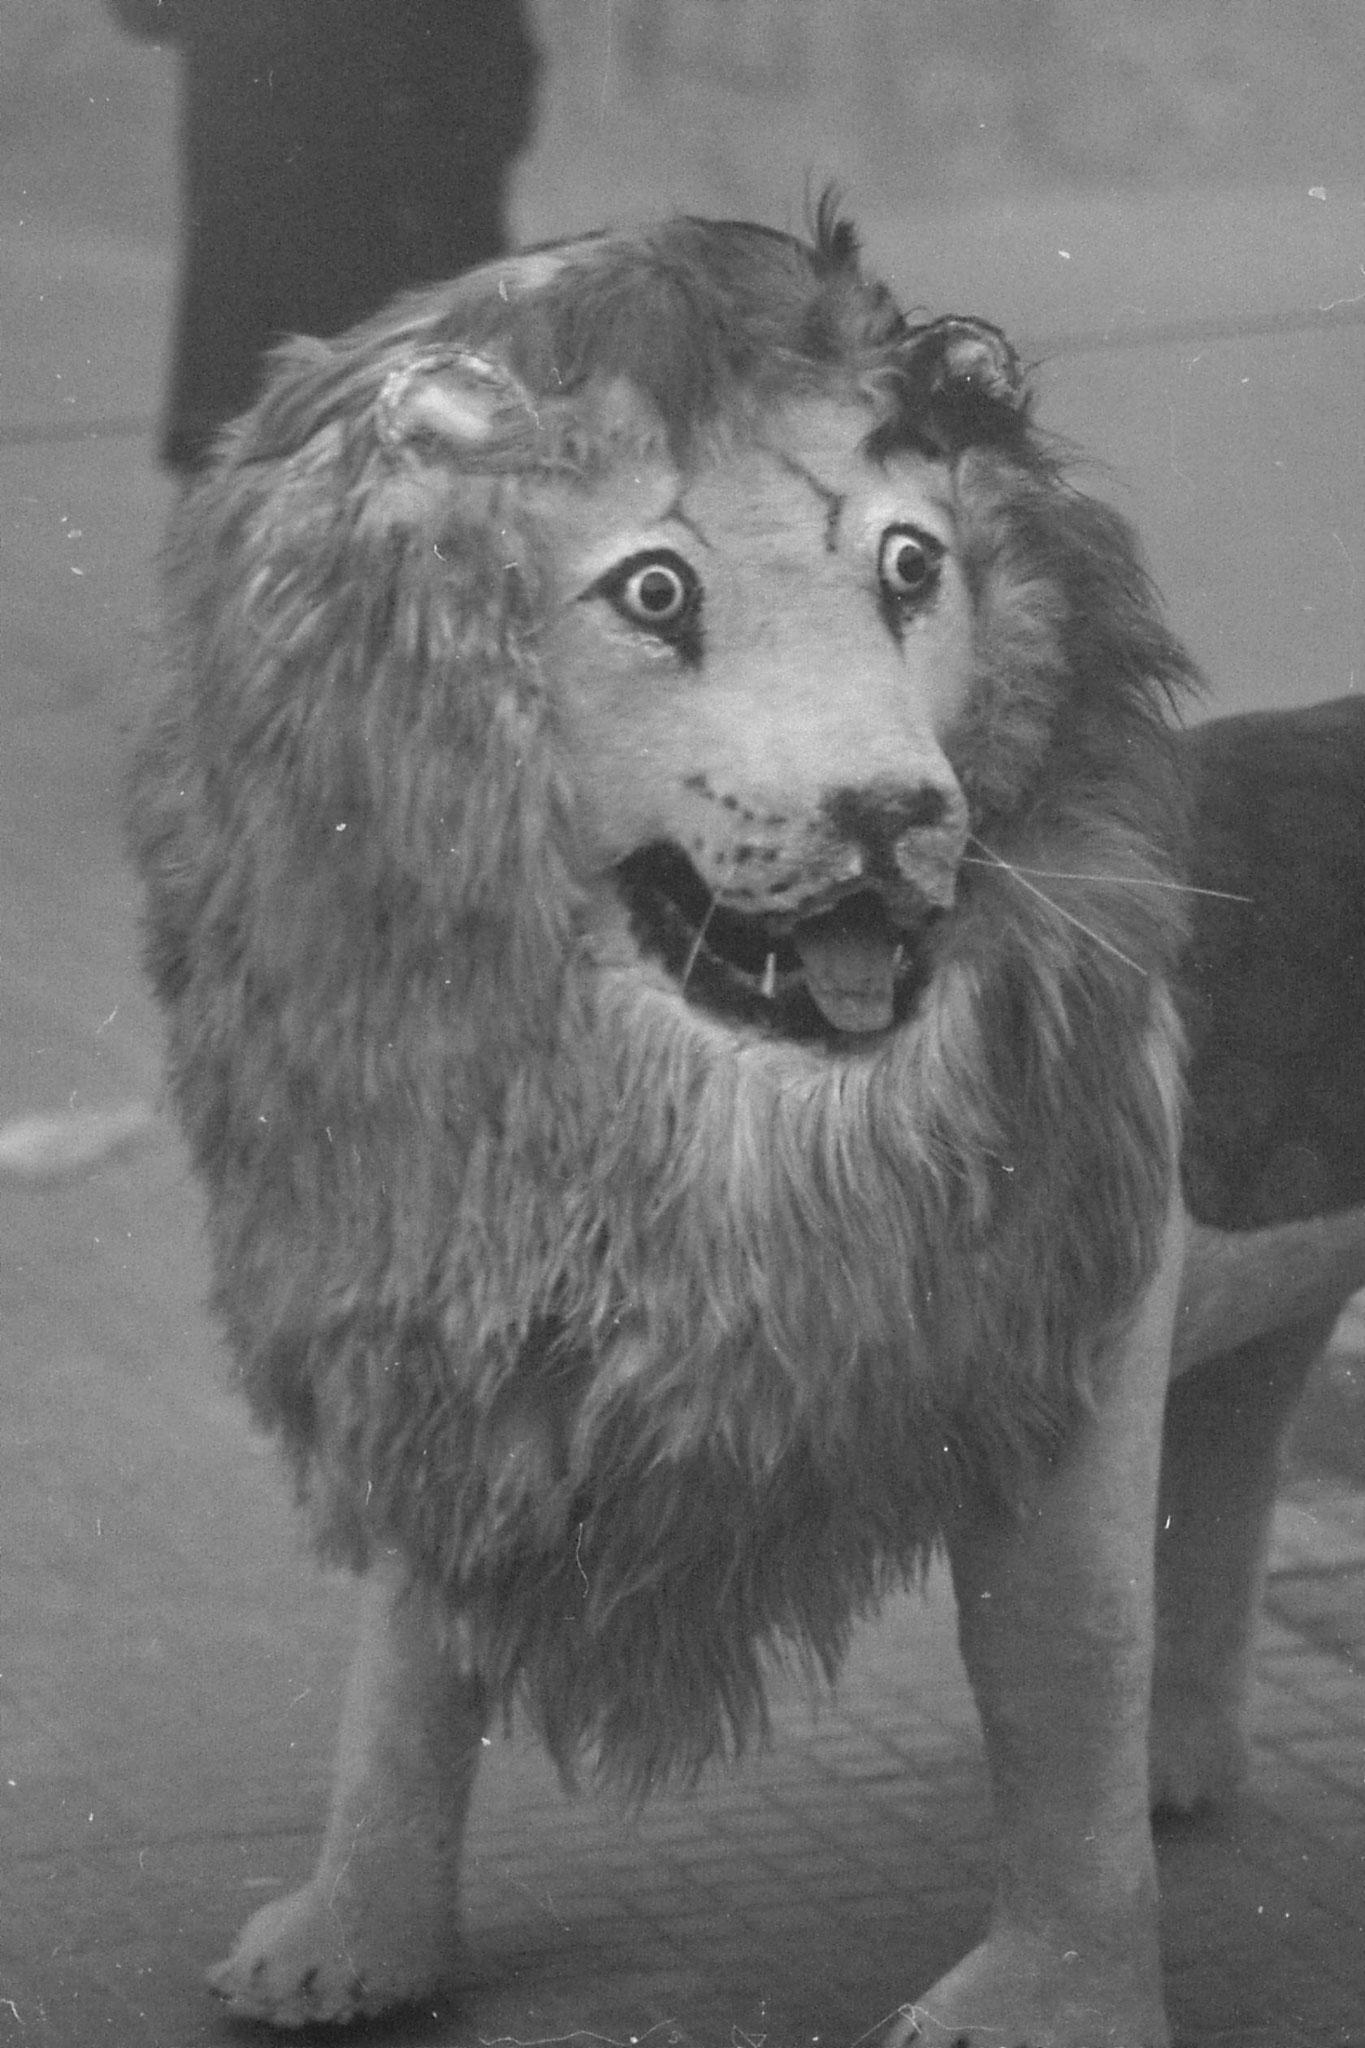 19/11/1988: 11: Beijing Zoo